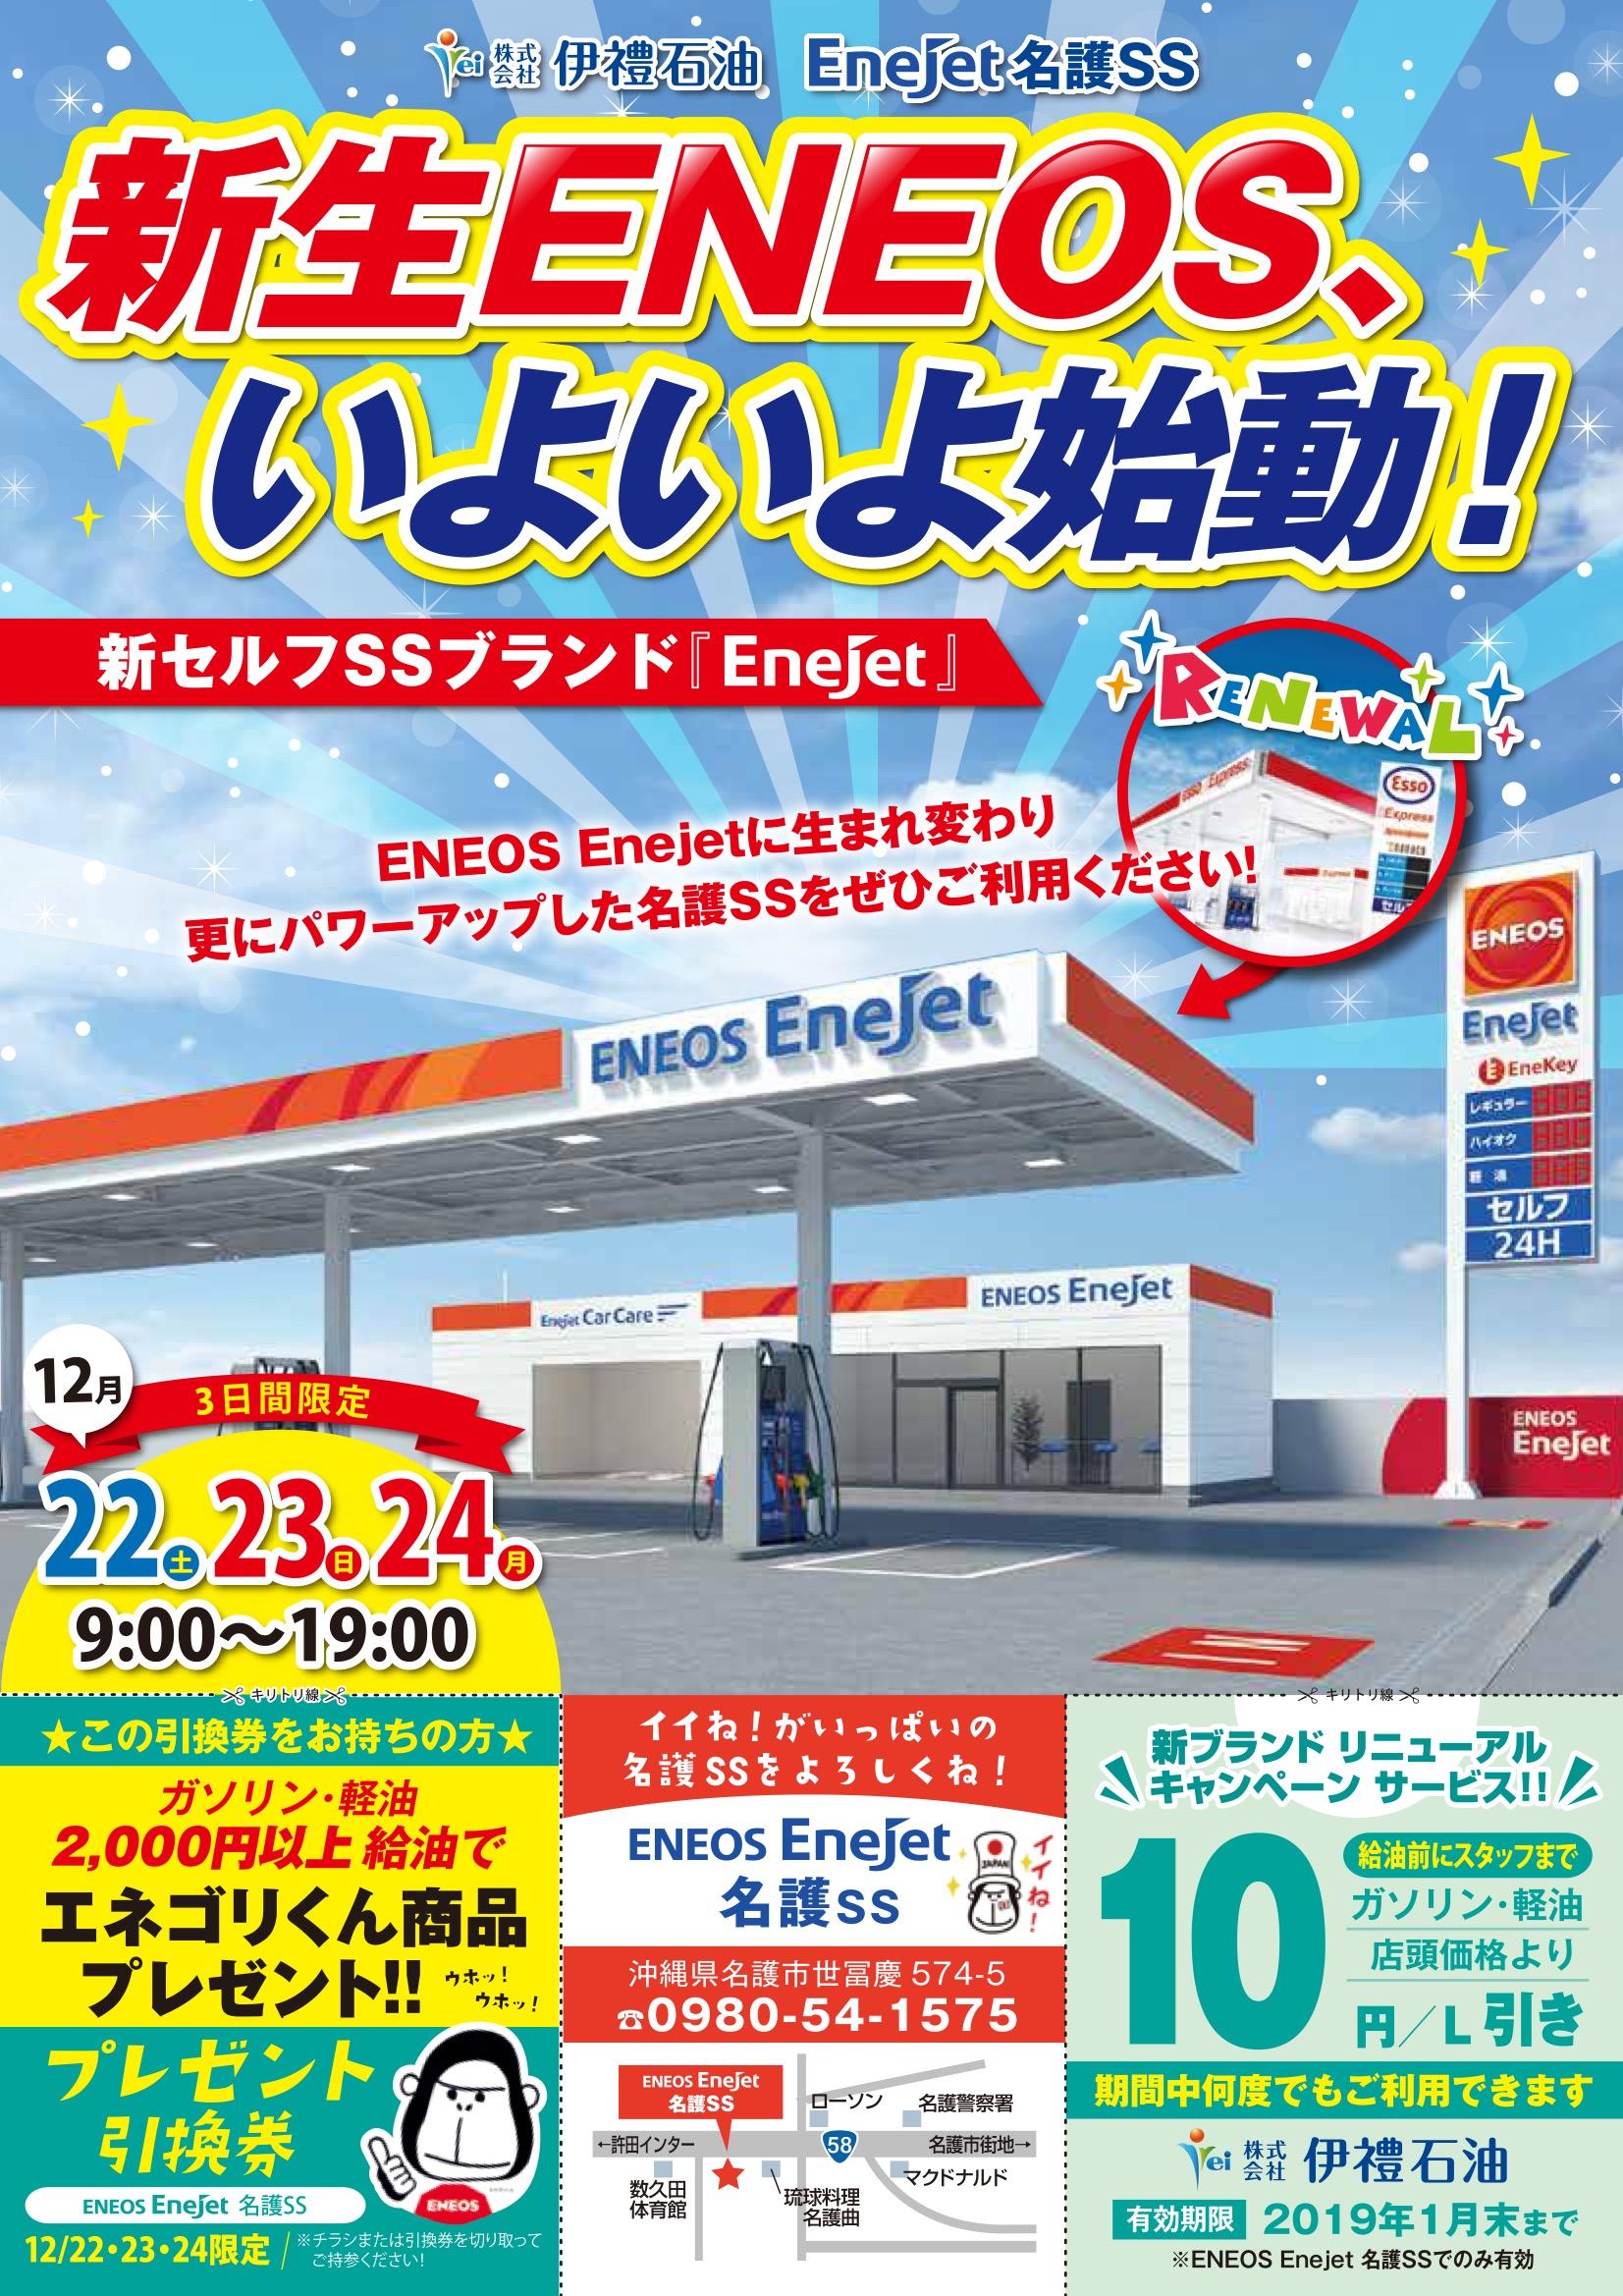 12/22~24限定!!セルフ名護SSリニューアルキャンペーン開催!!